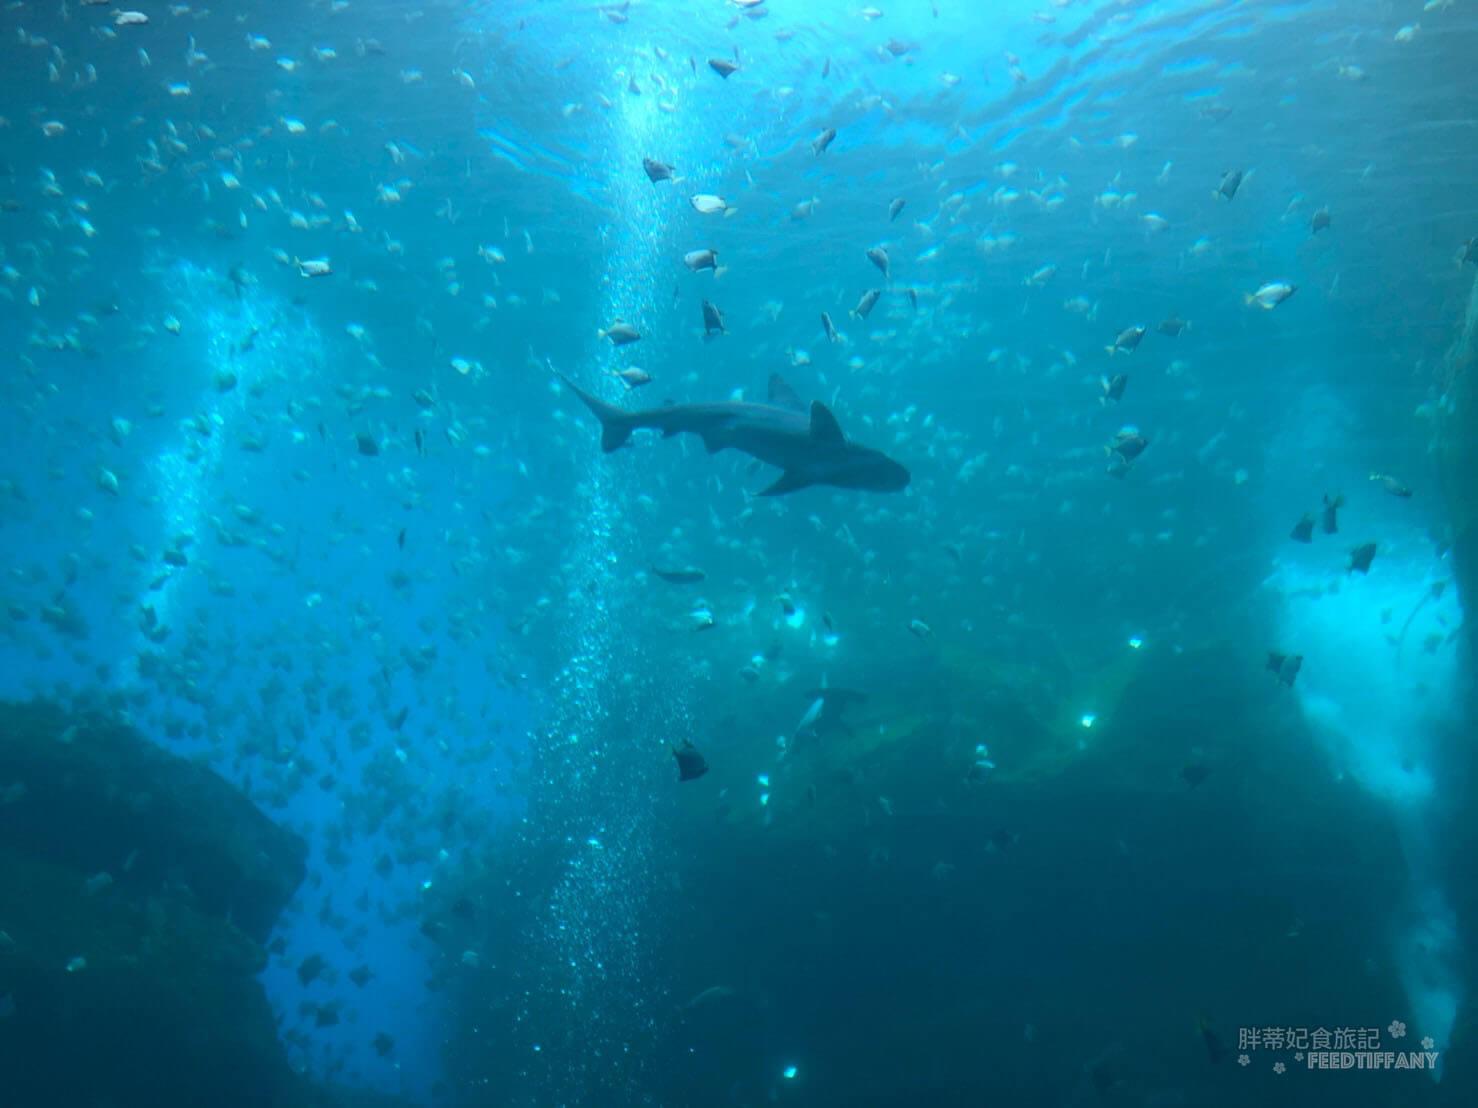 Xpark水族館 福爾摩沙館大玻璃